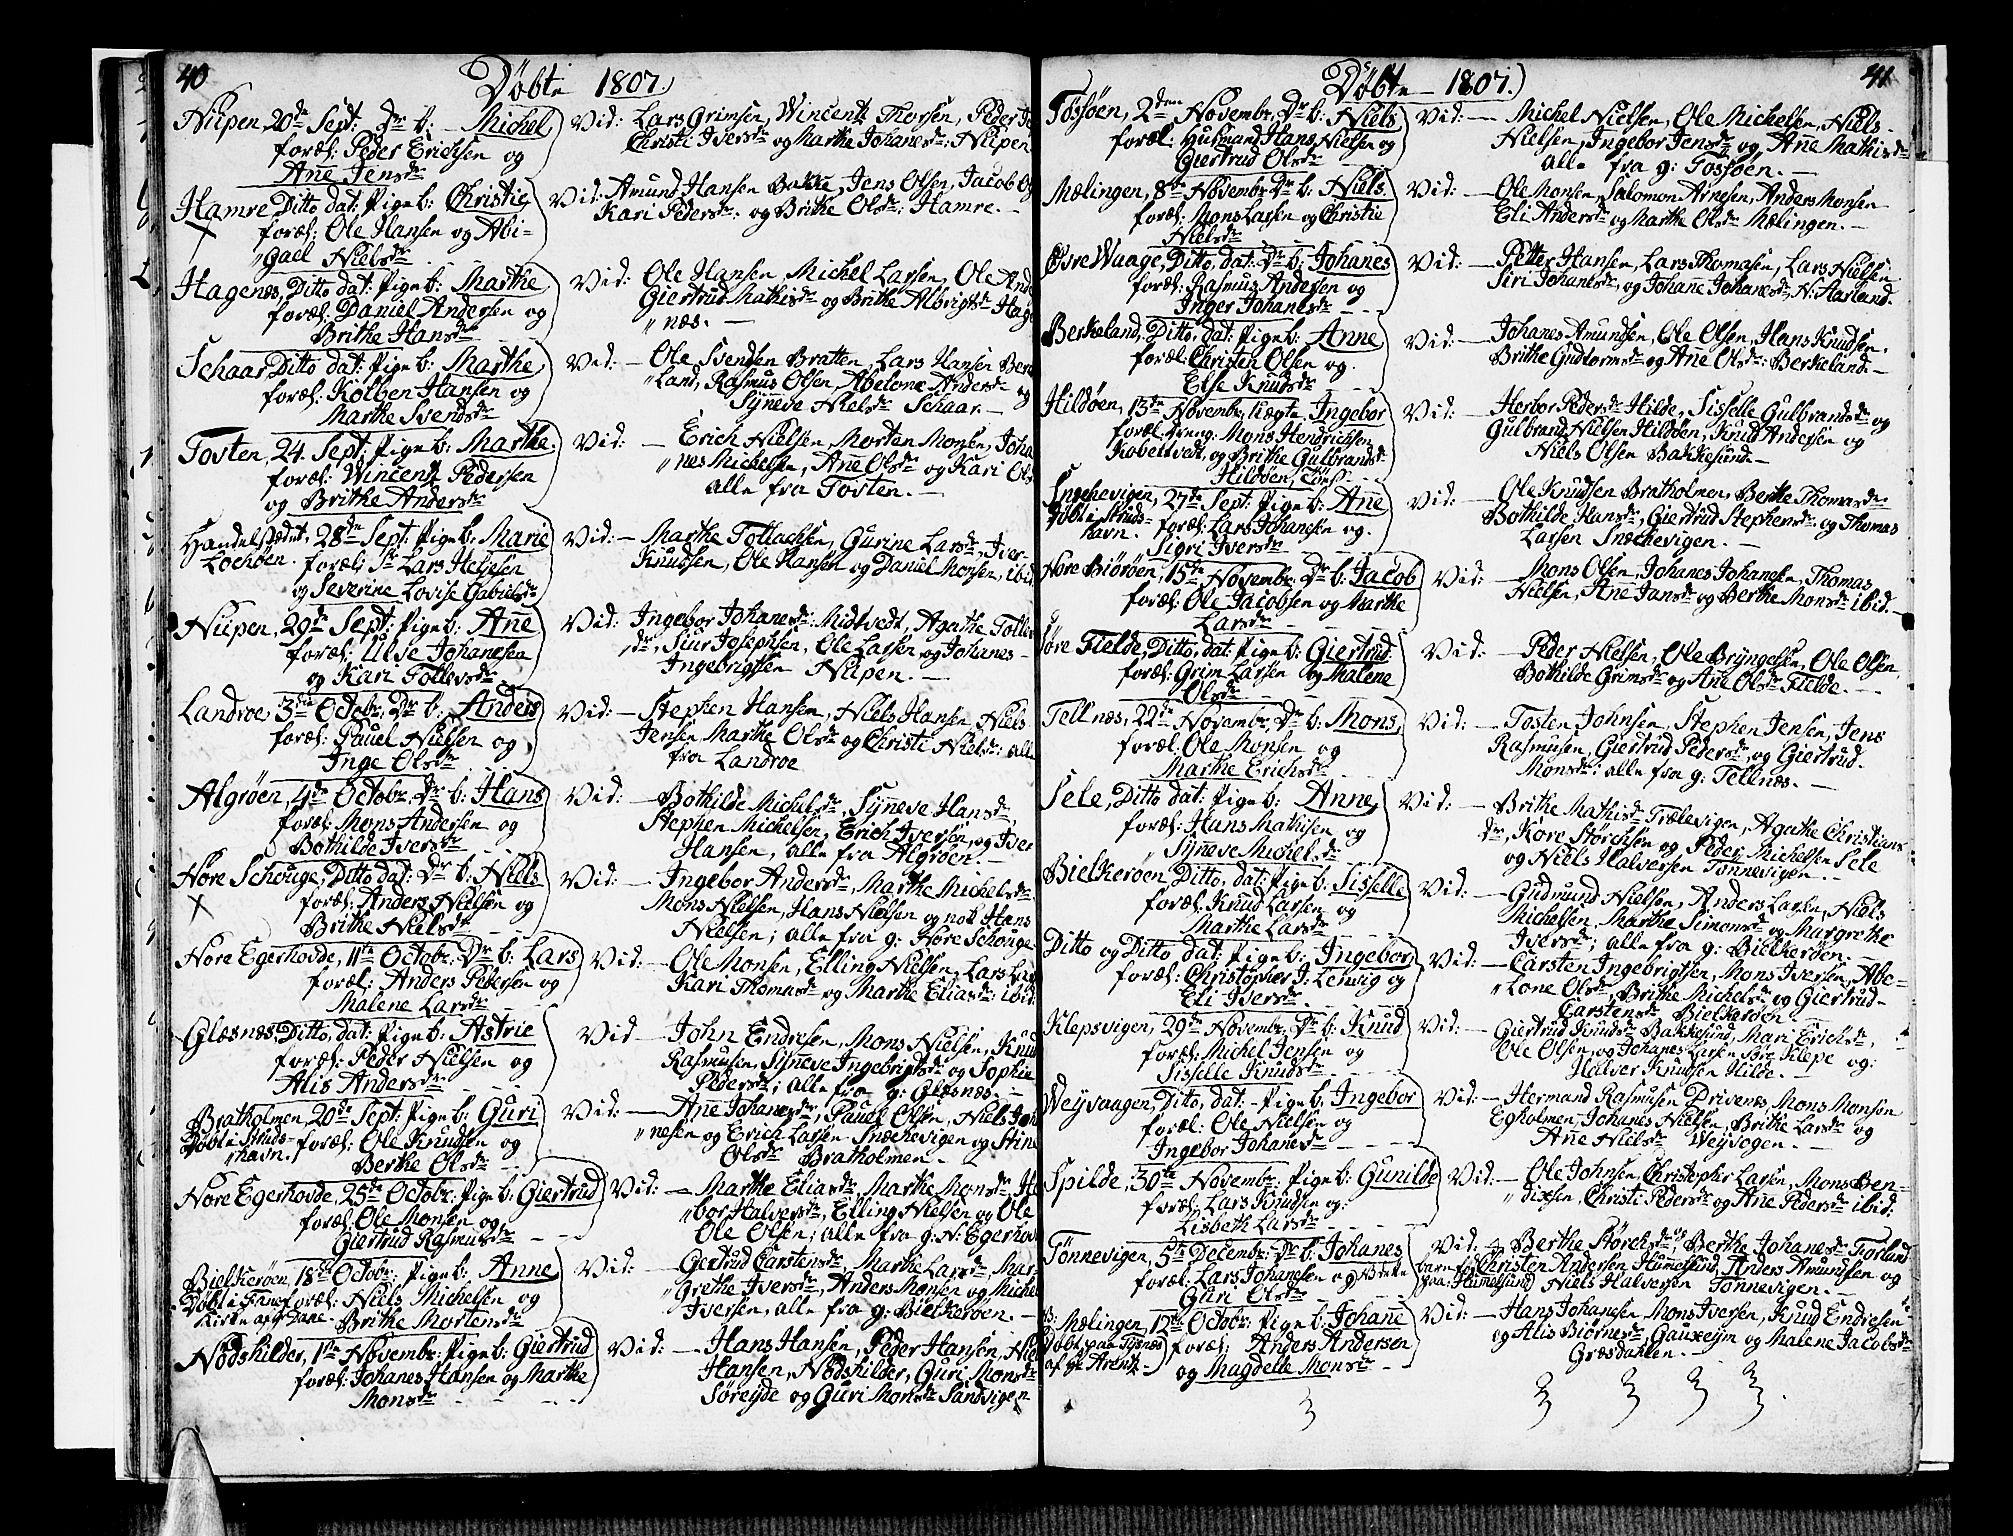 SAB, Sund sokneprestembete, Ministerialbok nr. A 10, 1804-1818, s. 42-43